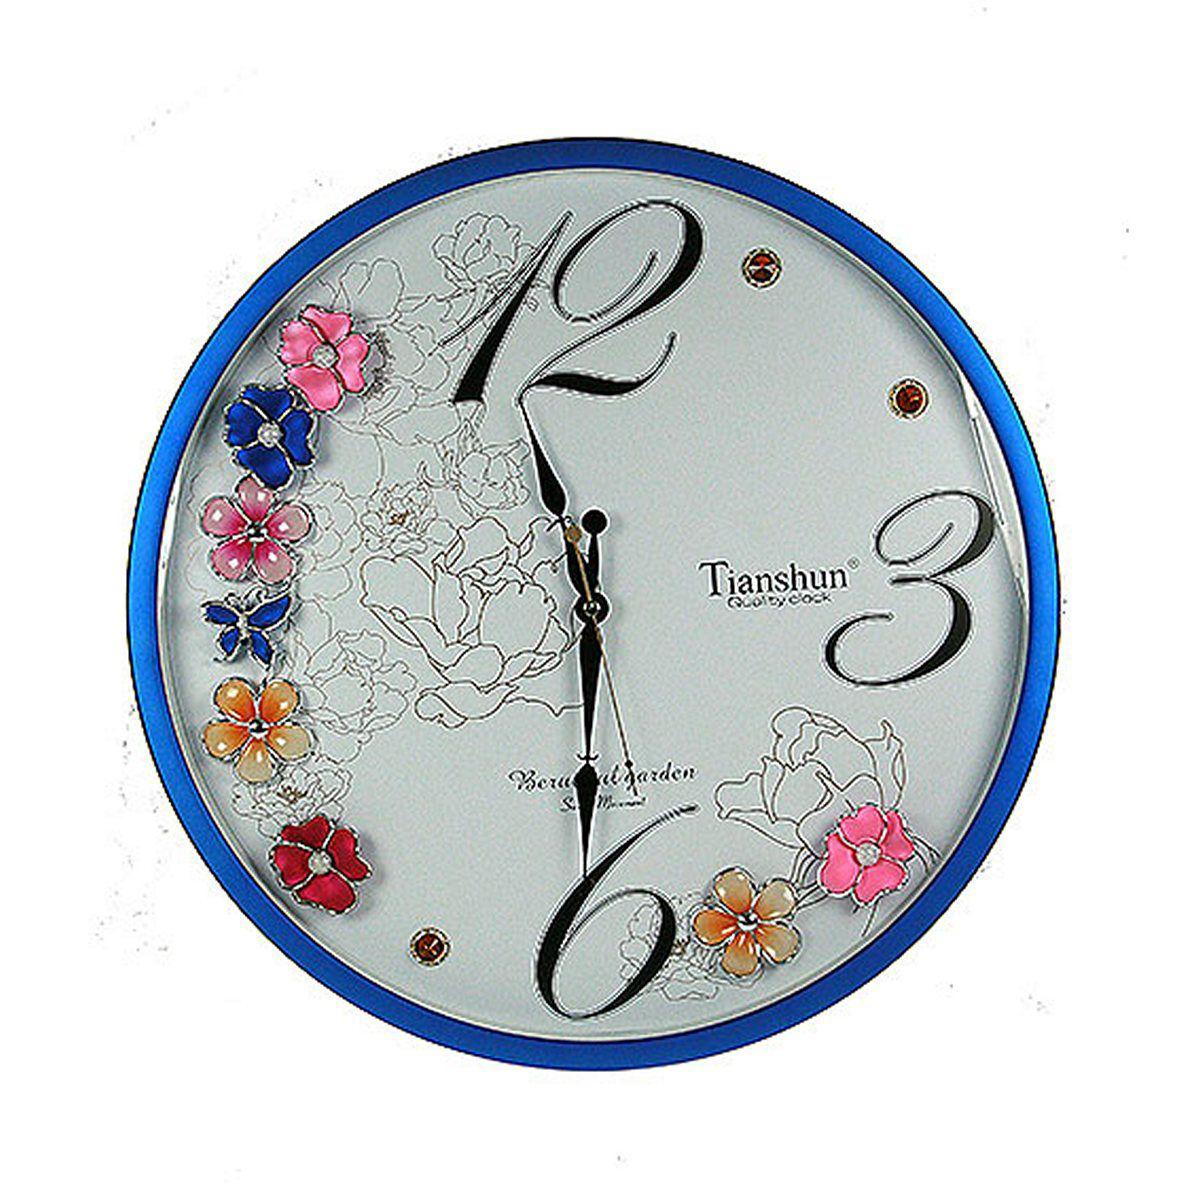 Часы настенные Русские Подарки, диаметр 48 см. 14811594672Настенные кварцевые часы Русские Подарки изготовлены из пластика. Циферблат защищен стеклом. Корпус оформлен цветами и стразами. Часы имеют три стрелки - часовую, минутную и секундную. С обратной стороны имеетсяпетелька для подвешивания на стену.Изящные часы красиво и оригинально оформят интерьер дома или офиса. Также часы могут стать уникальным, полезным подарком для родственников, коллег, знакомых и близких.Часы работают от батареек типа АА (в комплект не входят).